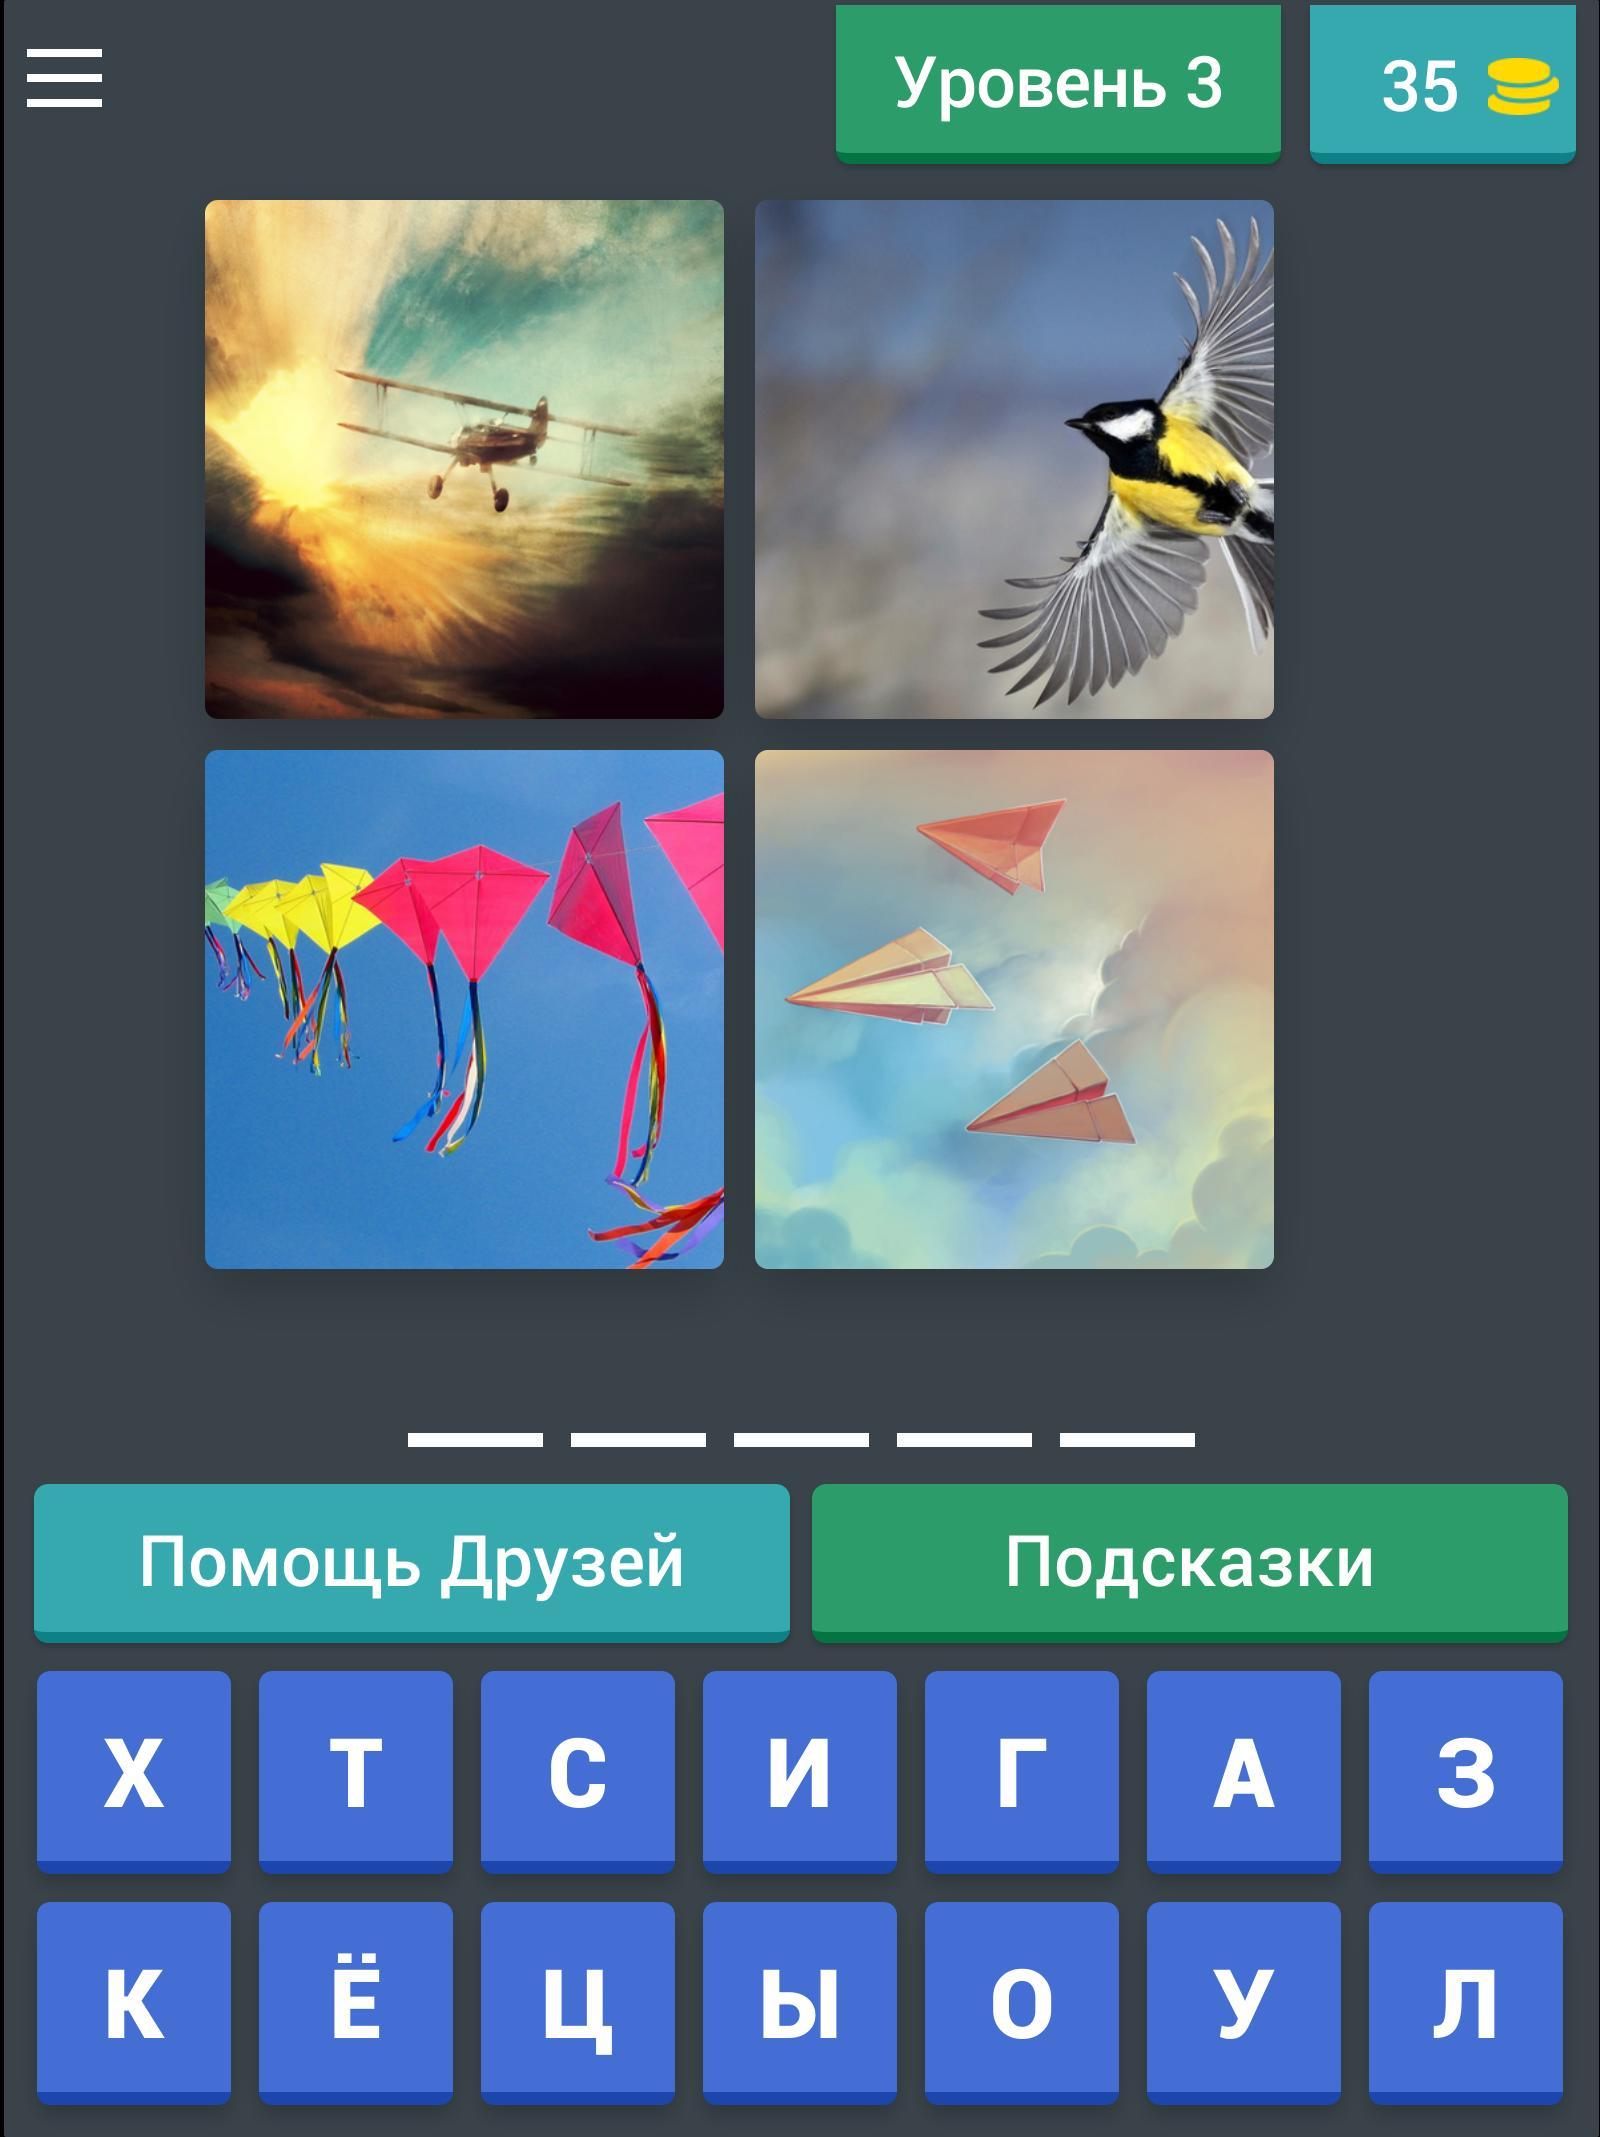 Игра на андроид угадать слово по картинкам